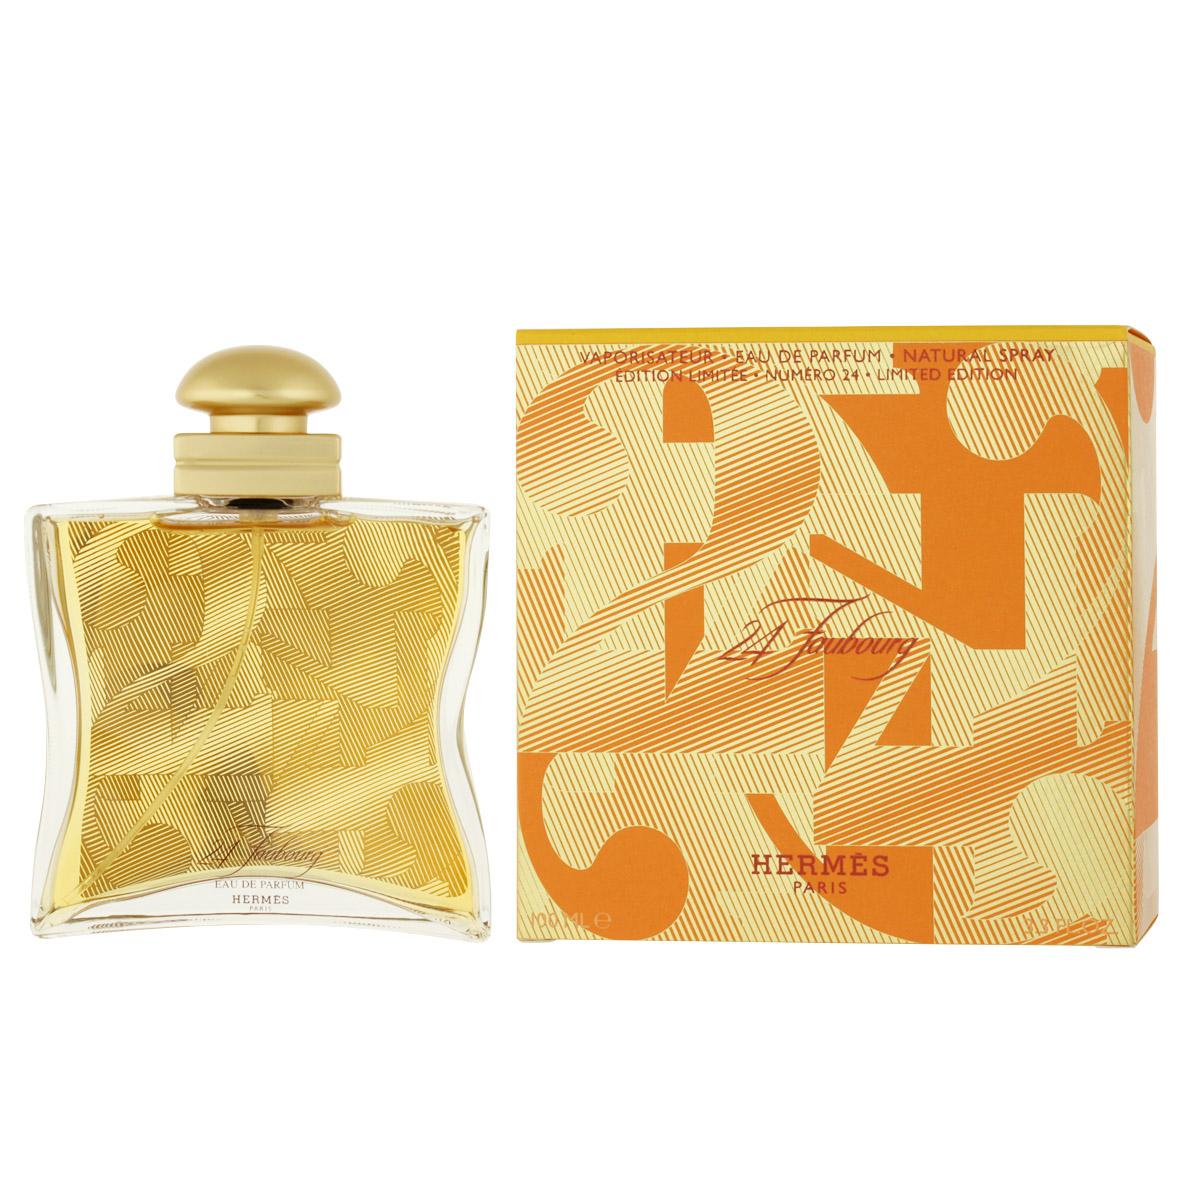 Hermès 24 Faubourg Numéro 24 Limited Edition EDP 100 ml W